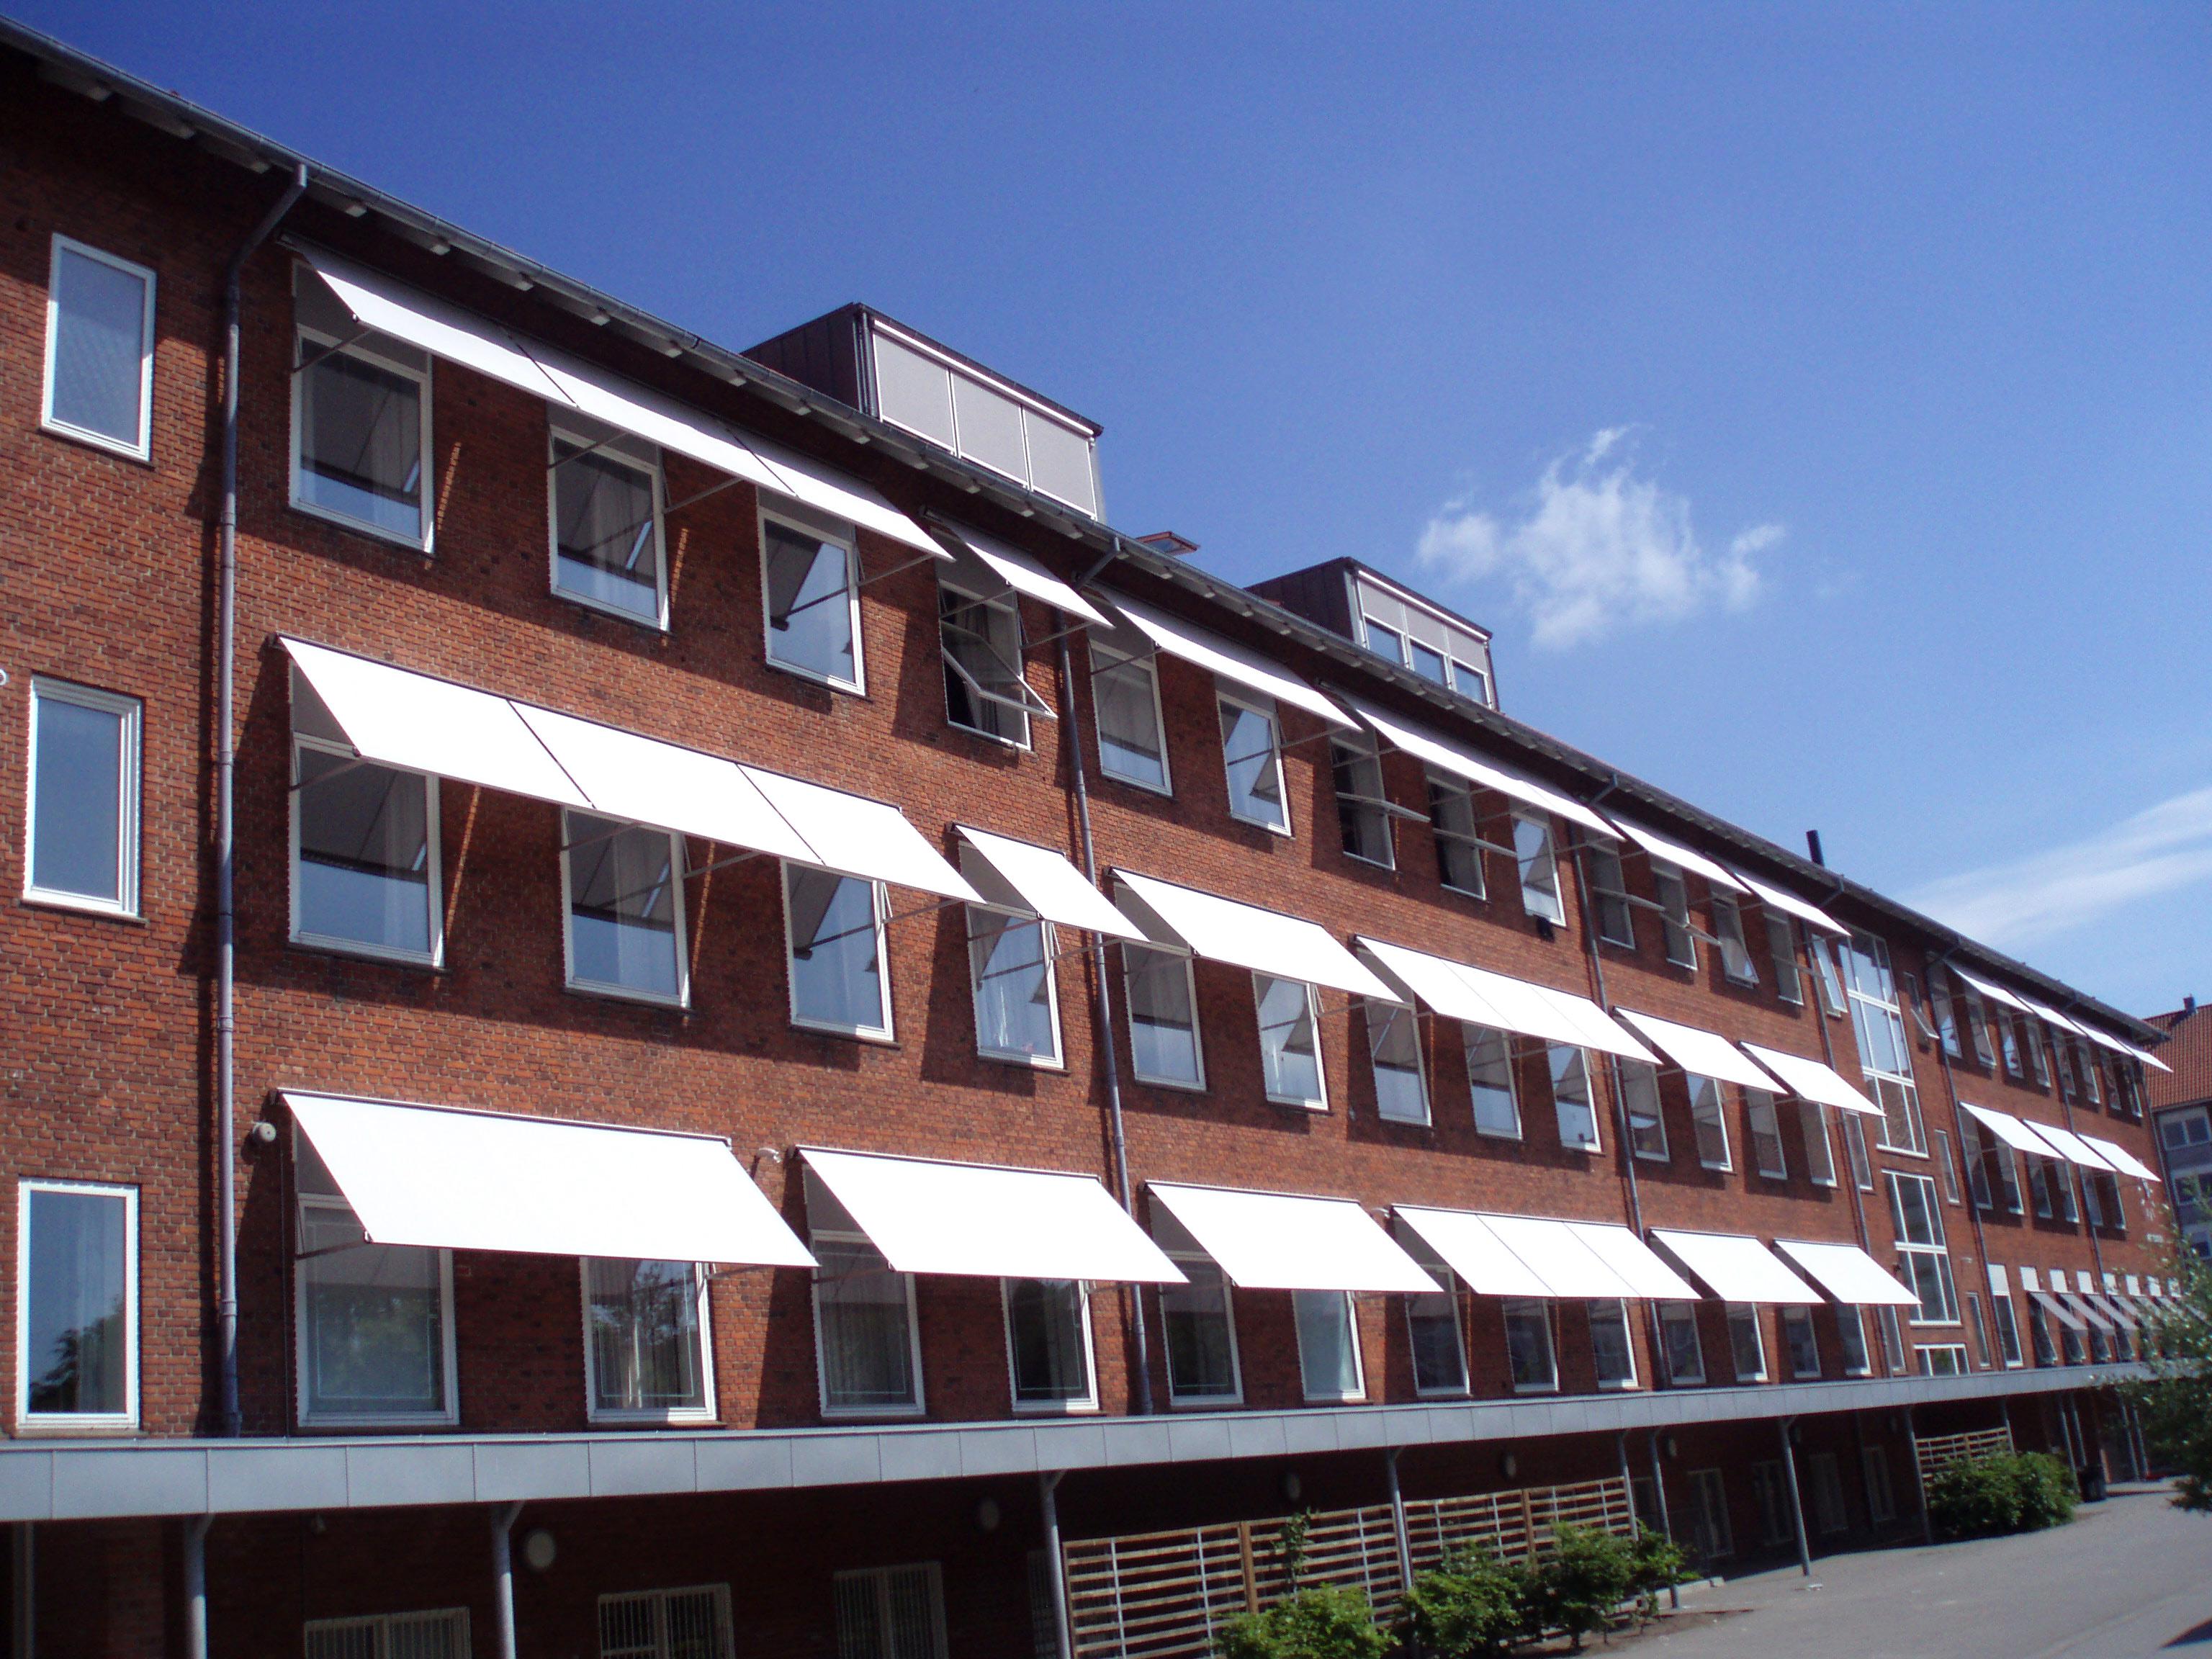 Faldarmsmarkise Sun 4000 anvendes især til større vinduer, men den kan også anvendes til mindre vind...